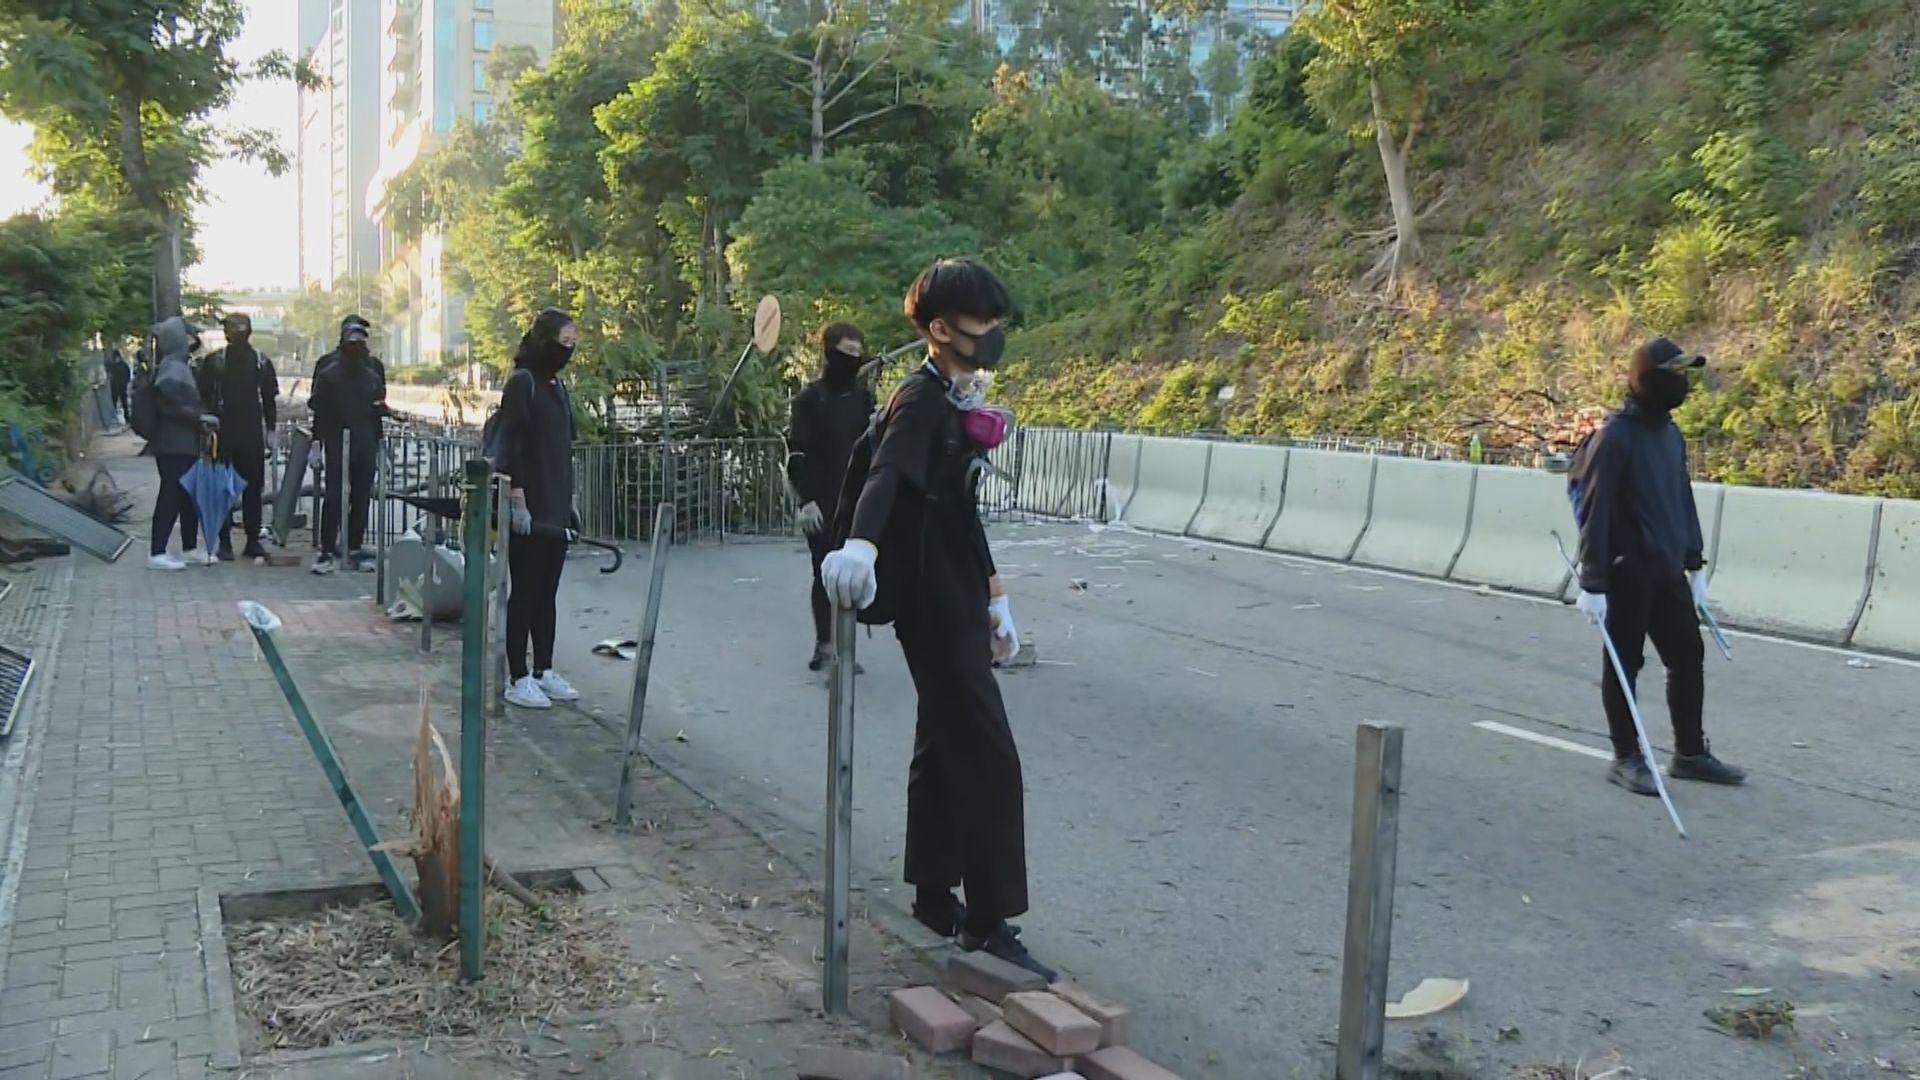 城大理大有市民清理路障時遇黑衣人阻撓